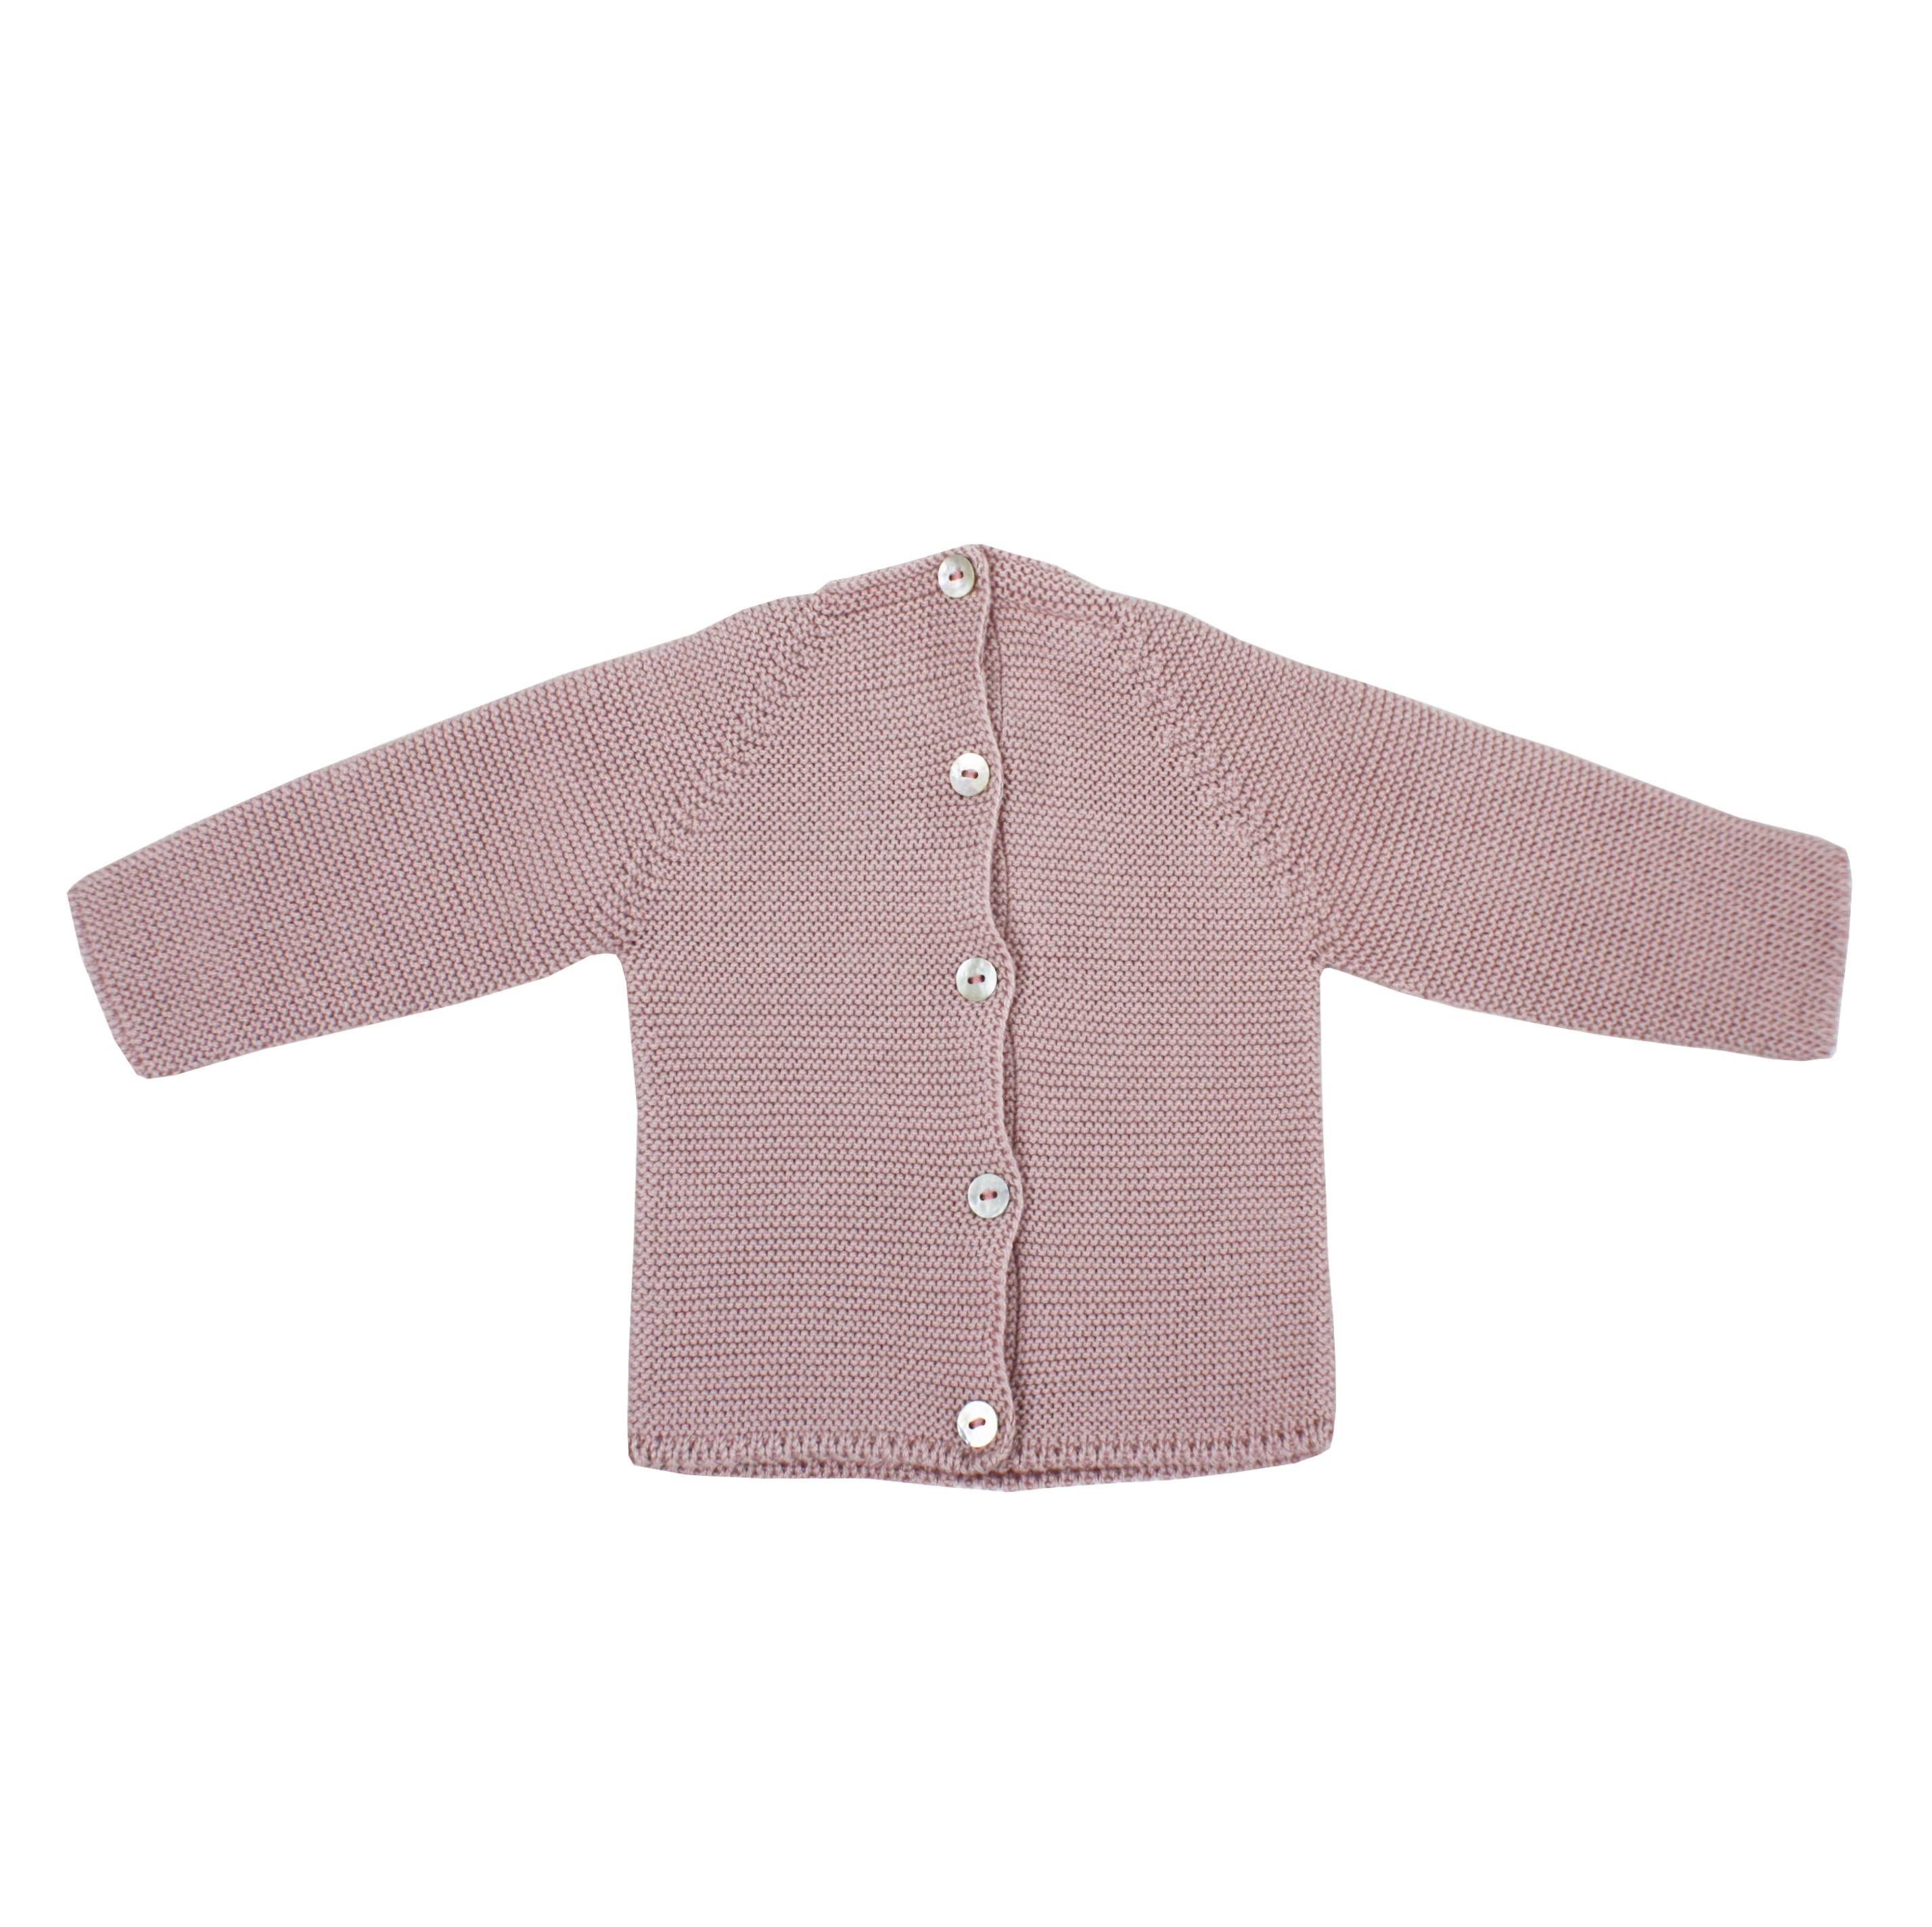 6b7dd6587 Jersey de bebé rosa palo en punto bobo.